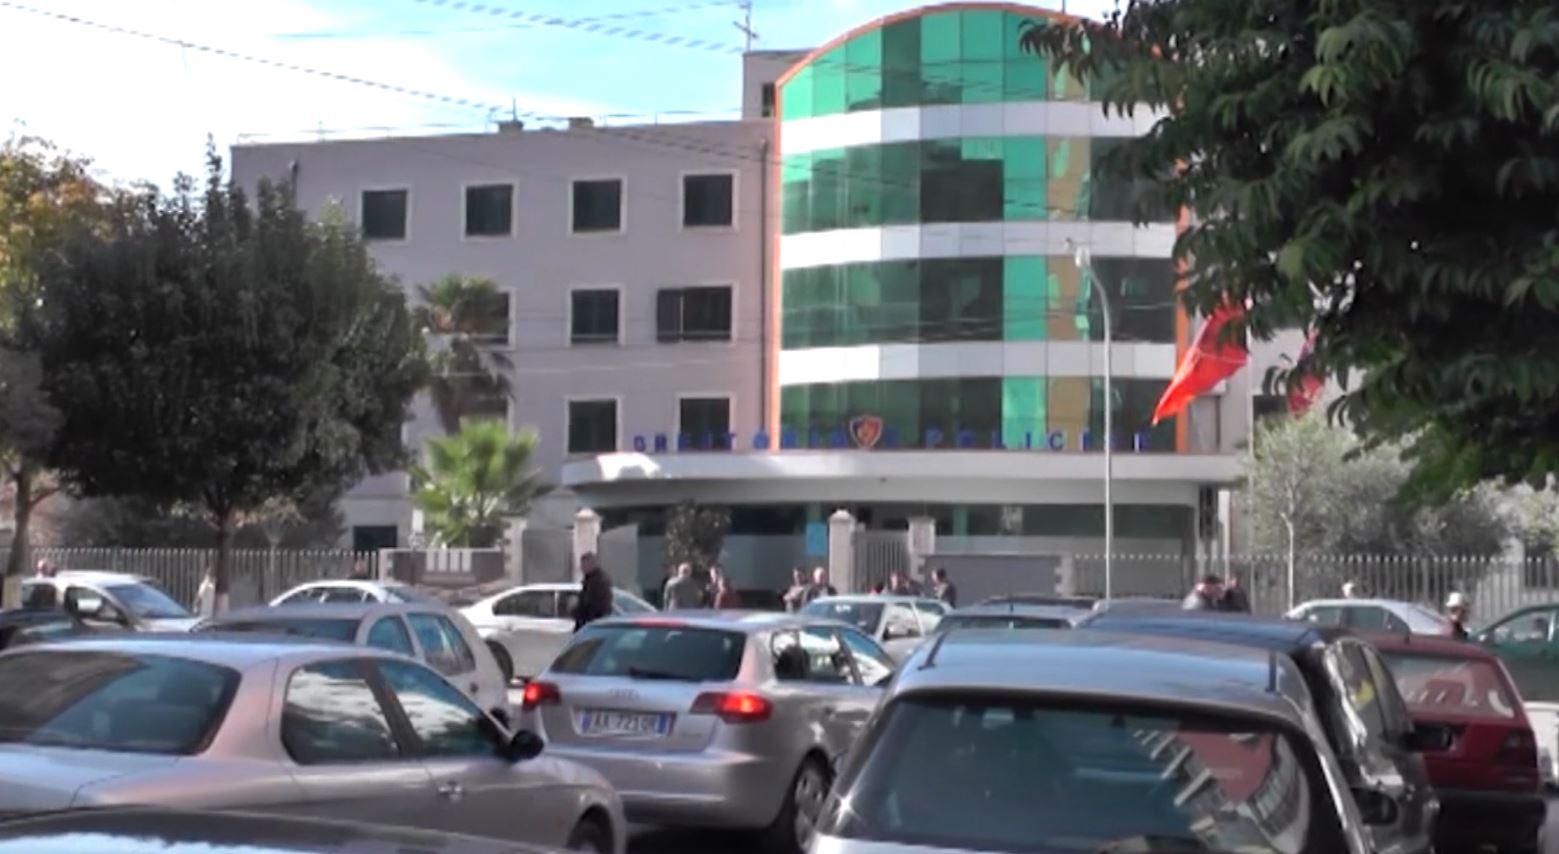 Tentoi të abuzojë një të mitur, ndalohet kanadezi në Durrës